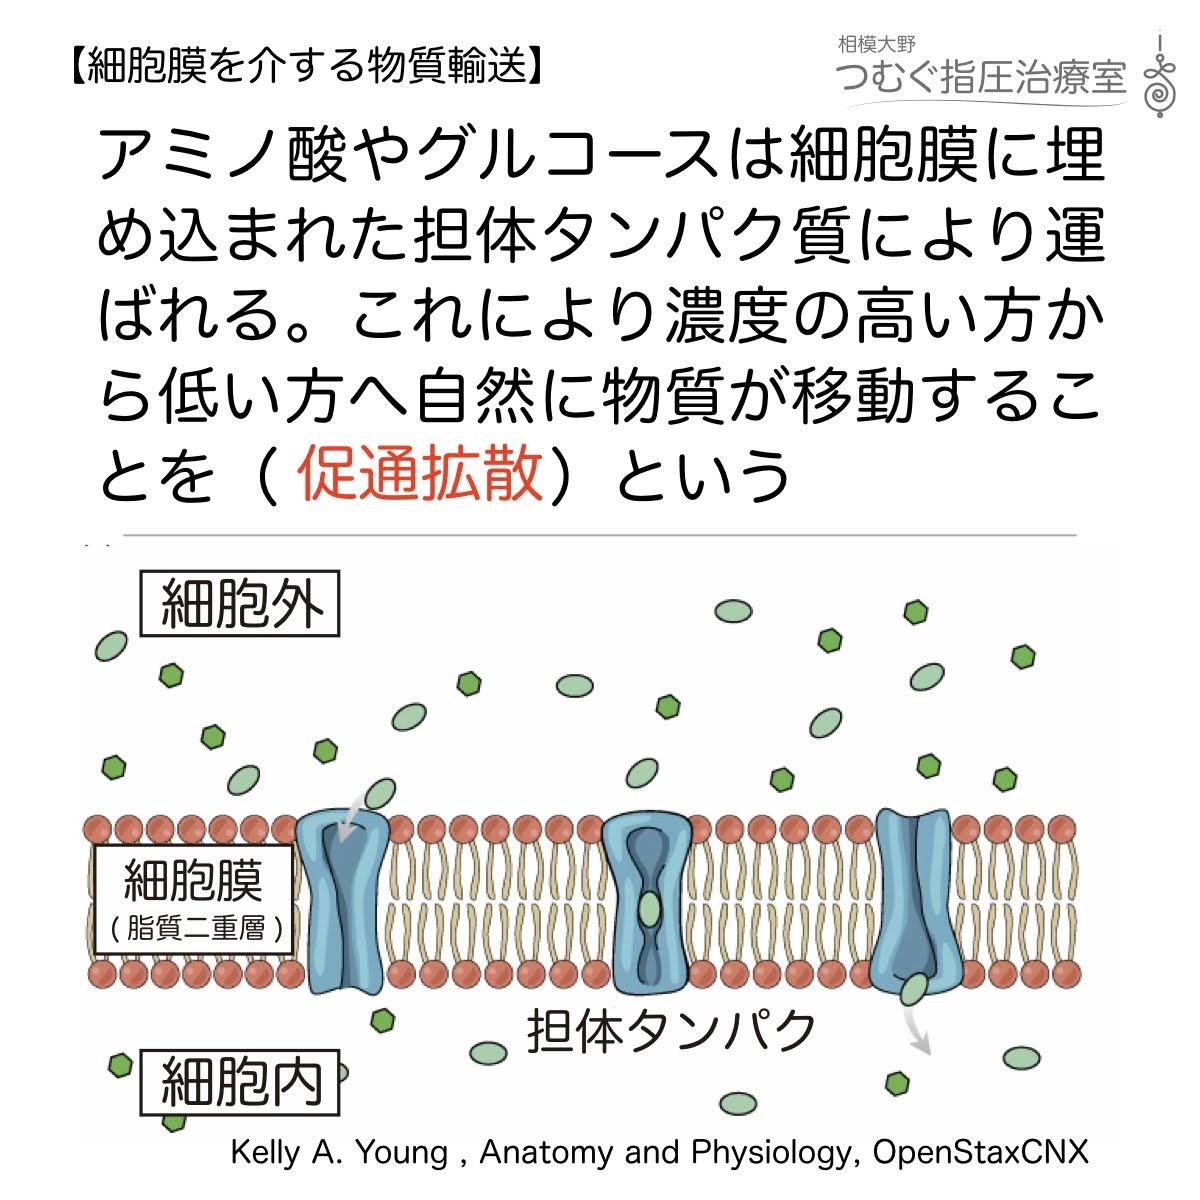 促通拡散:アミノ酸やグルコースは担体タンパクを通り拡散する